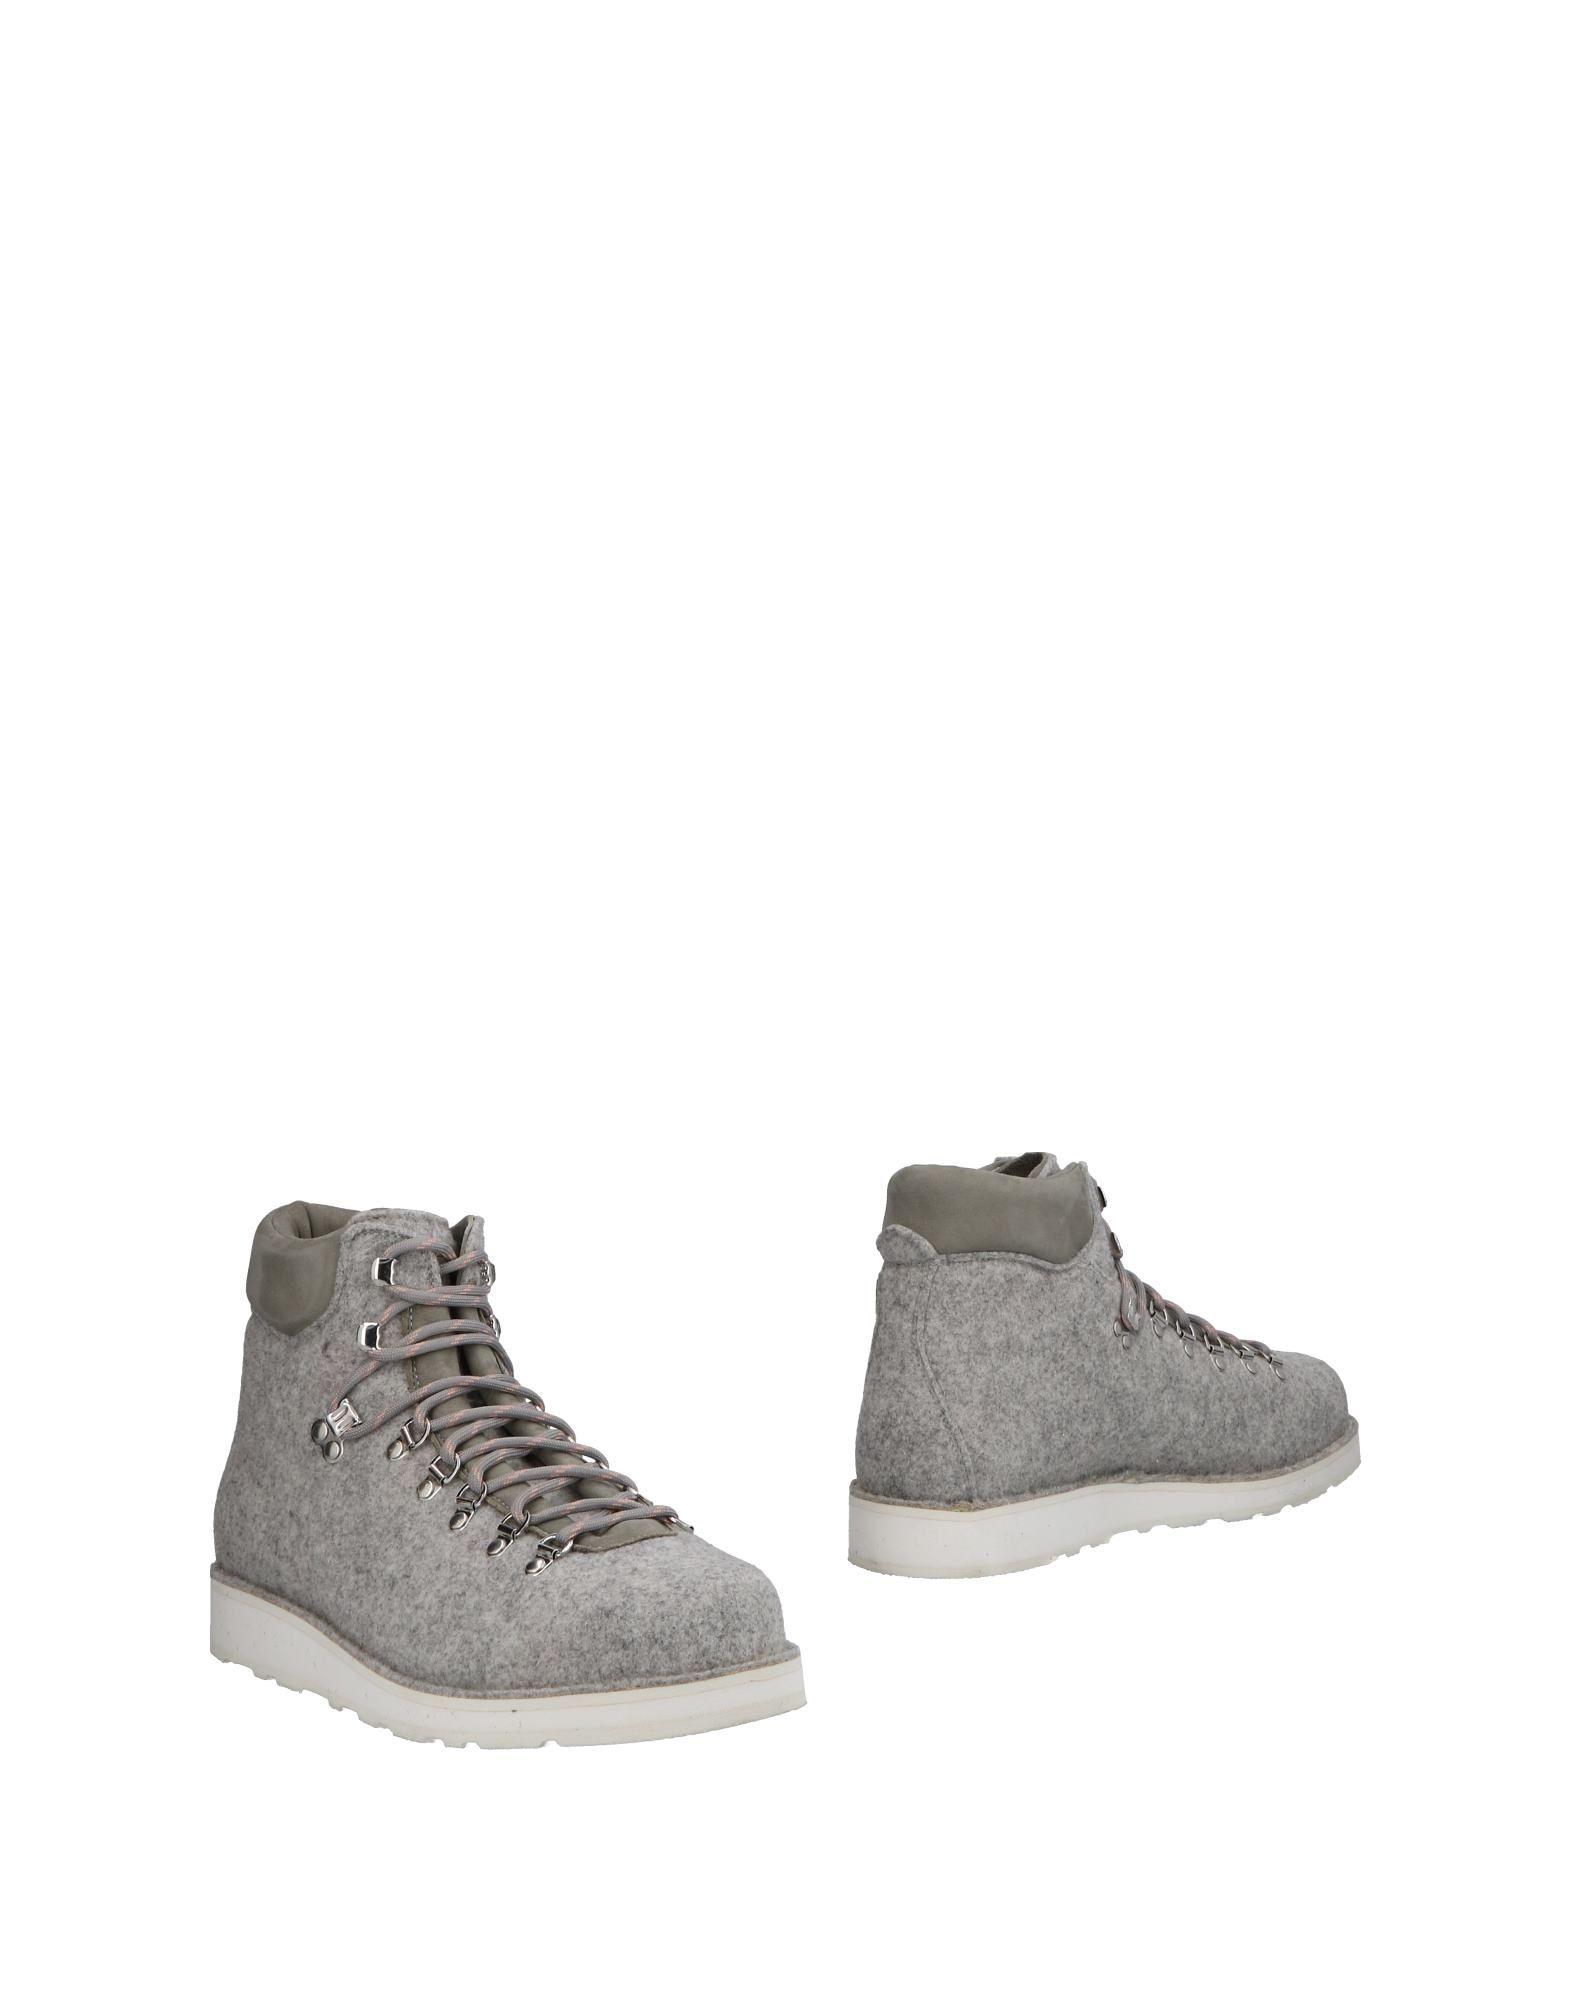 Diemme Stiefelette Herren  11498180VP Gute Qualität beliebte Schuhe